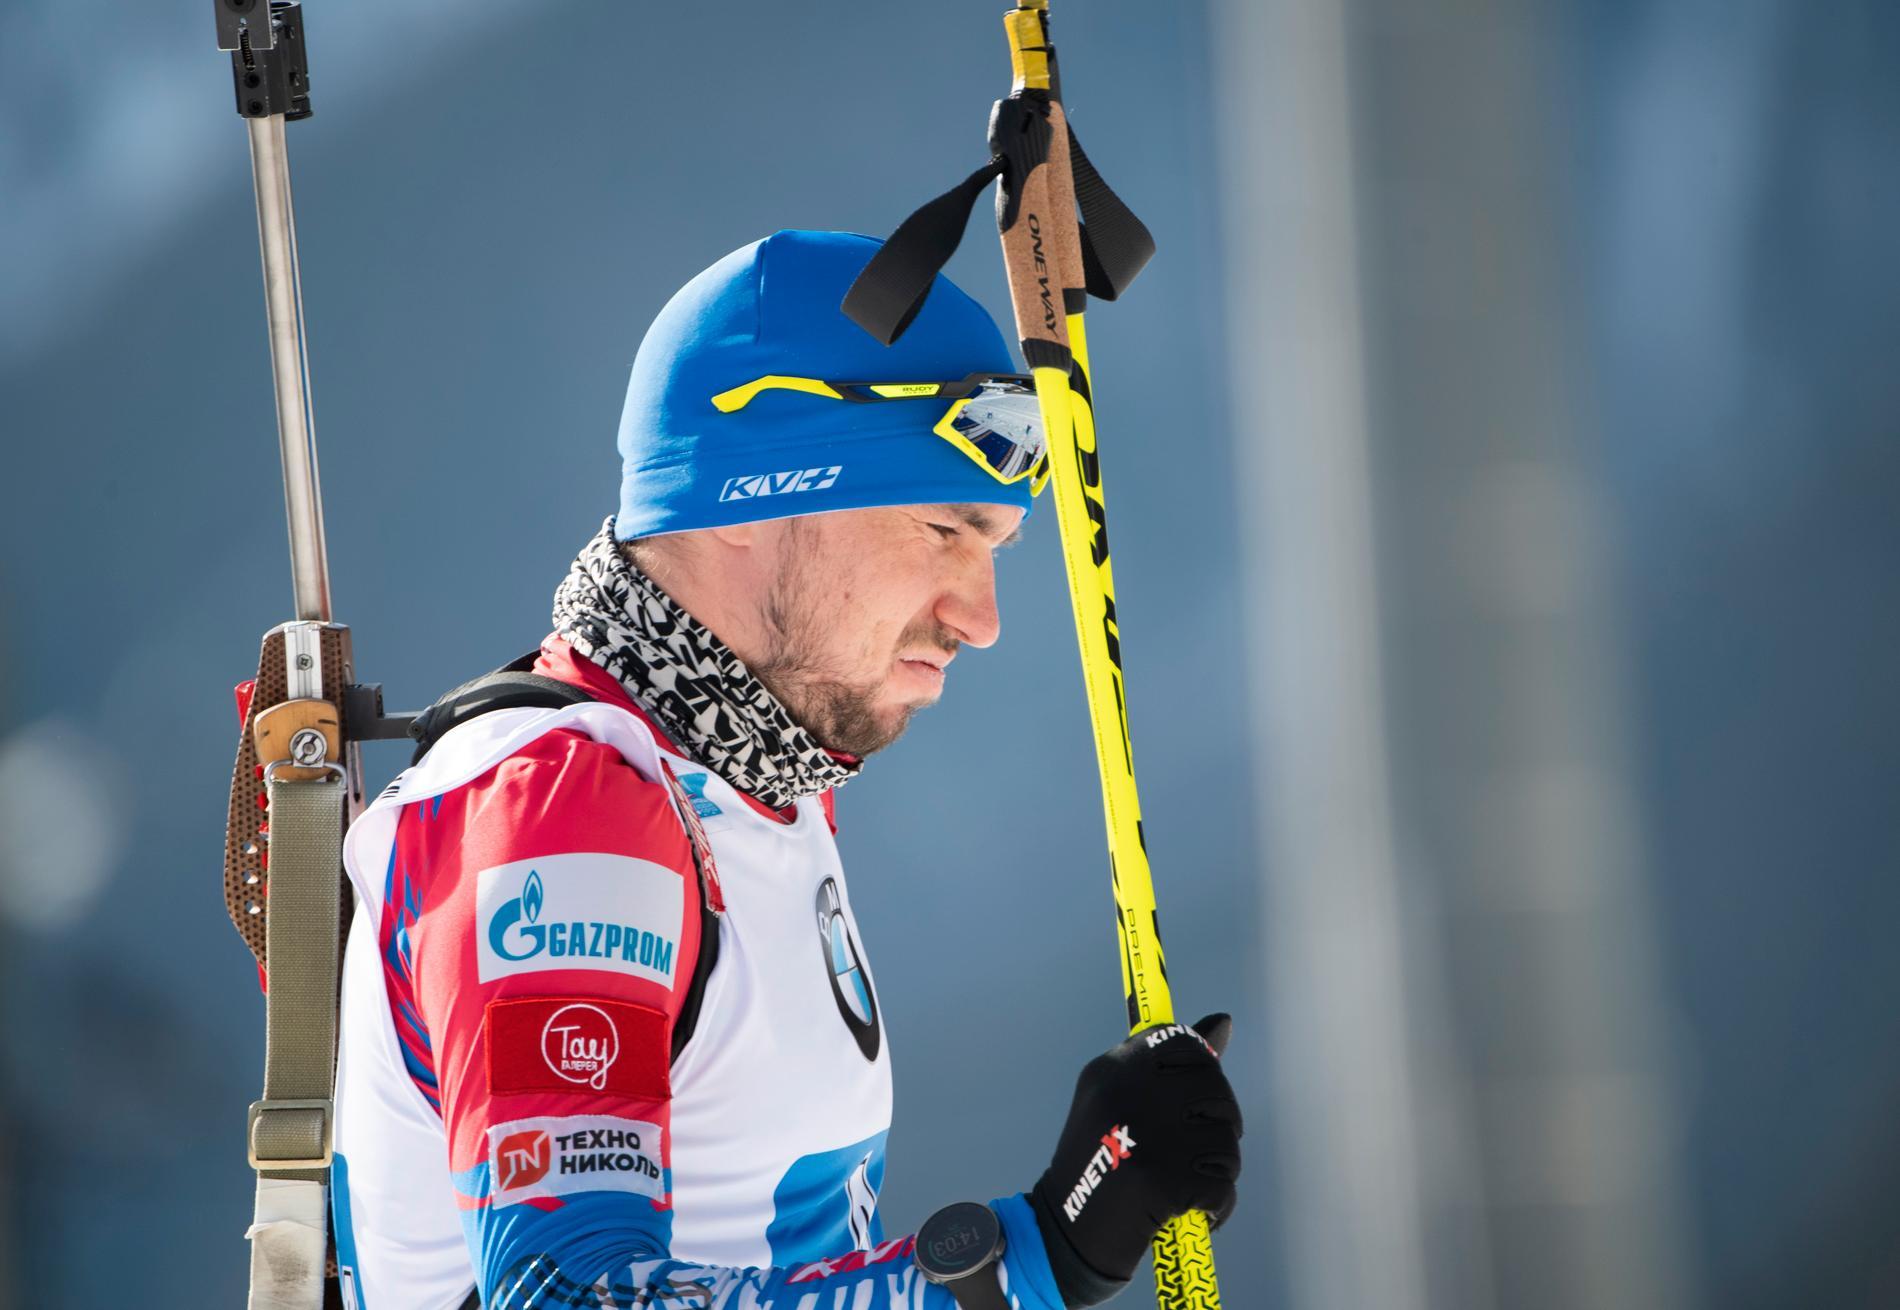 Rysslands Alexander Loginov kommer inte till start i masstarten, skriver Tass.